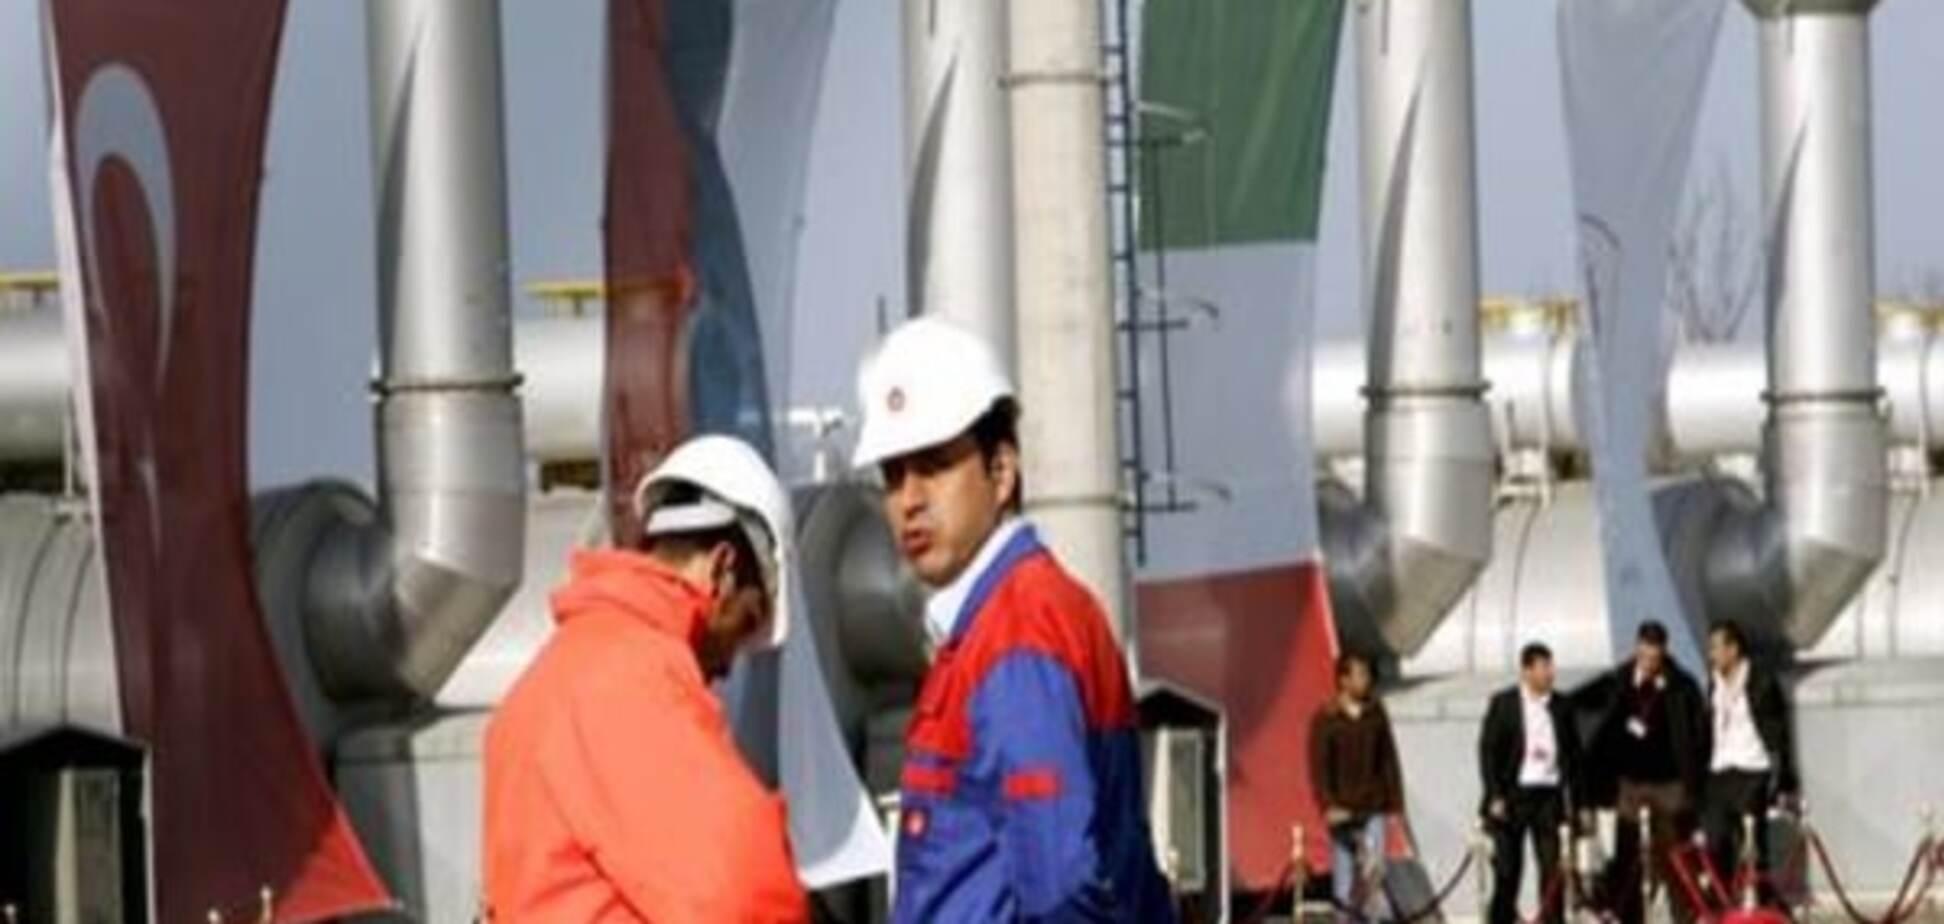 ЗМІ: Росія може заморозити роботу над 'Турецьким потоком'